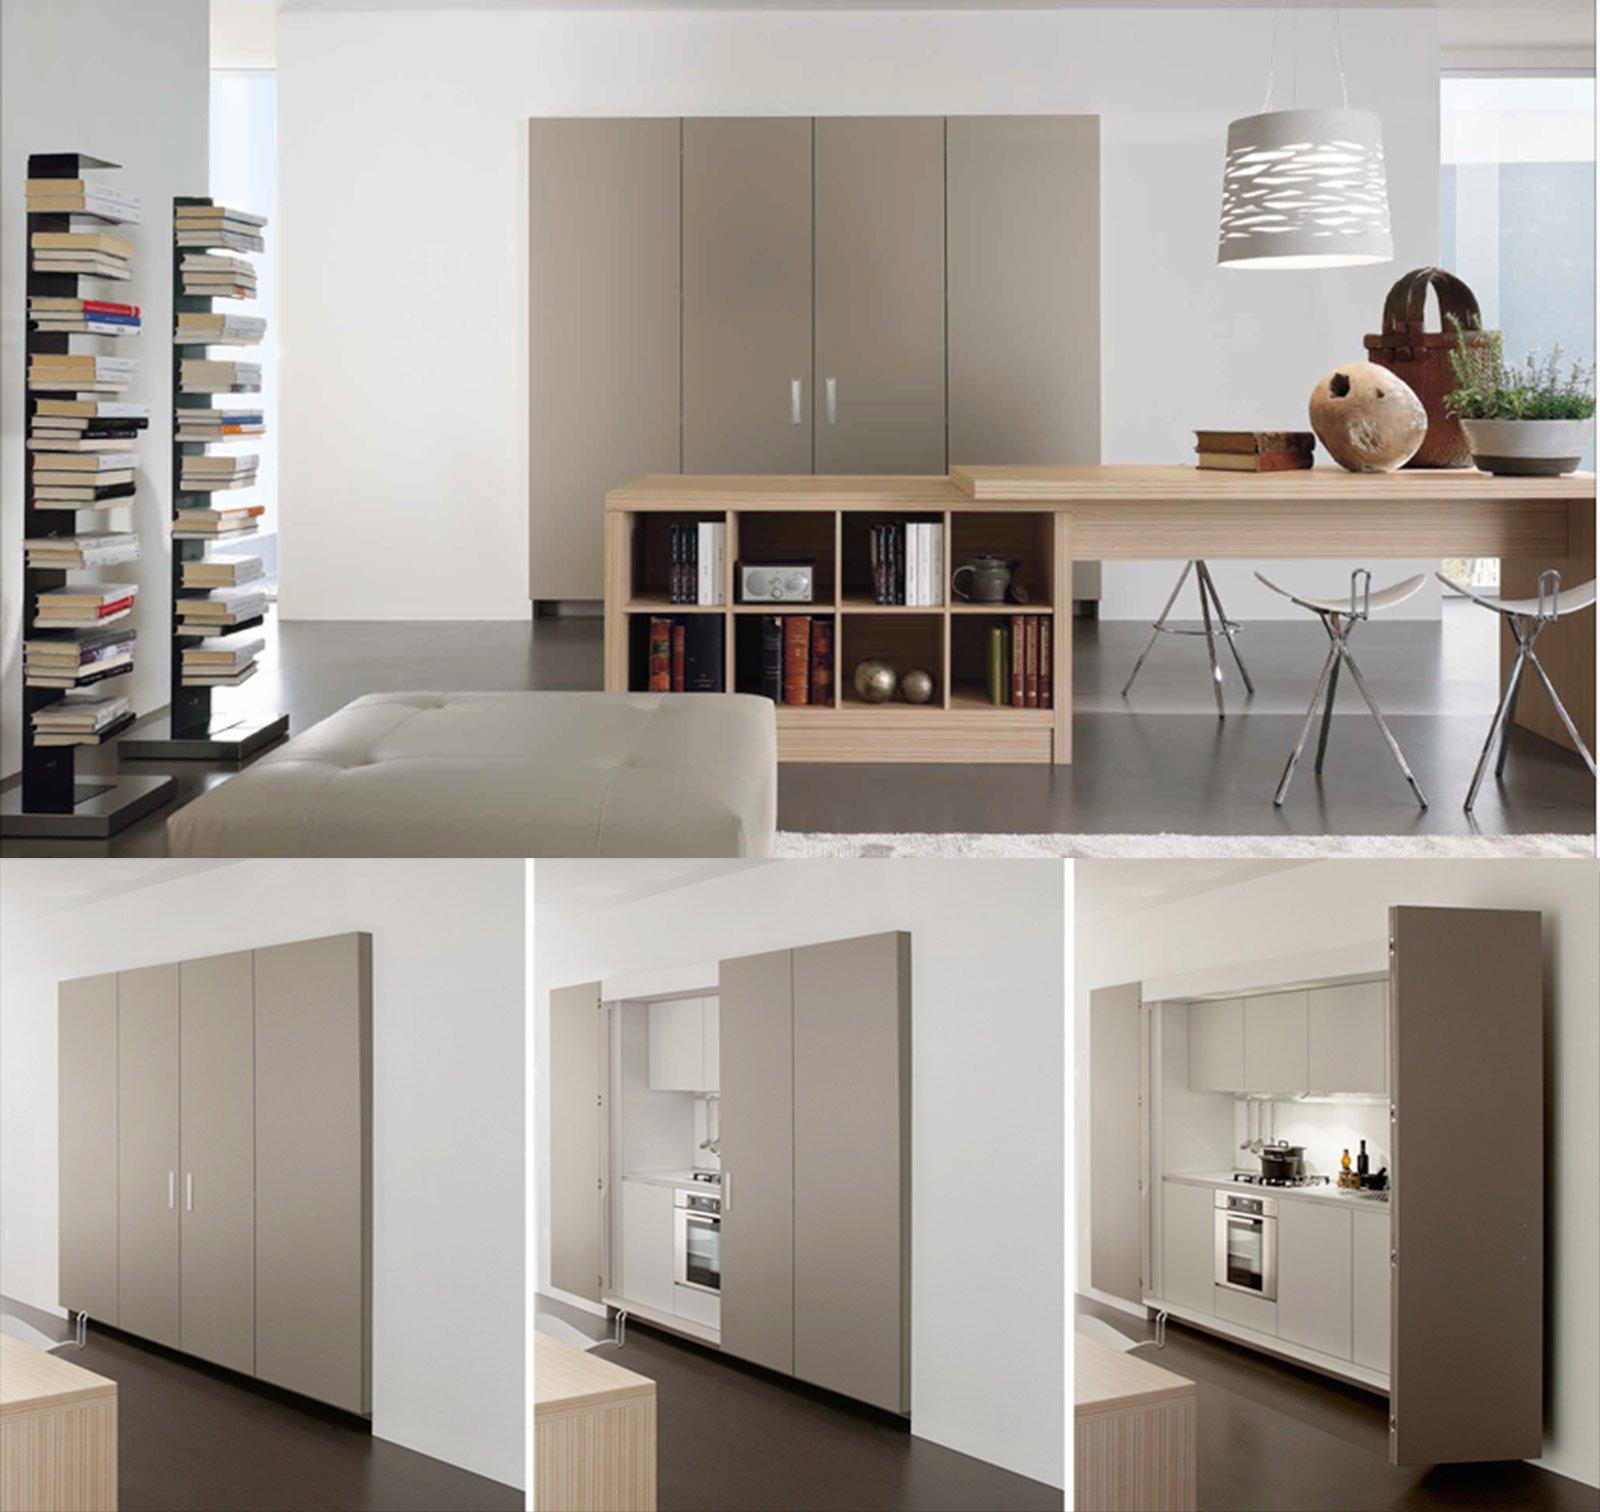 La cucina nell 39 armadio cose di casa - Armadio cucina monoblocco ...